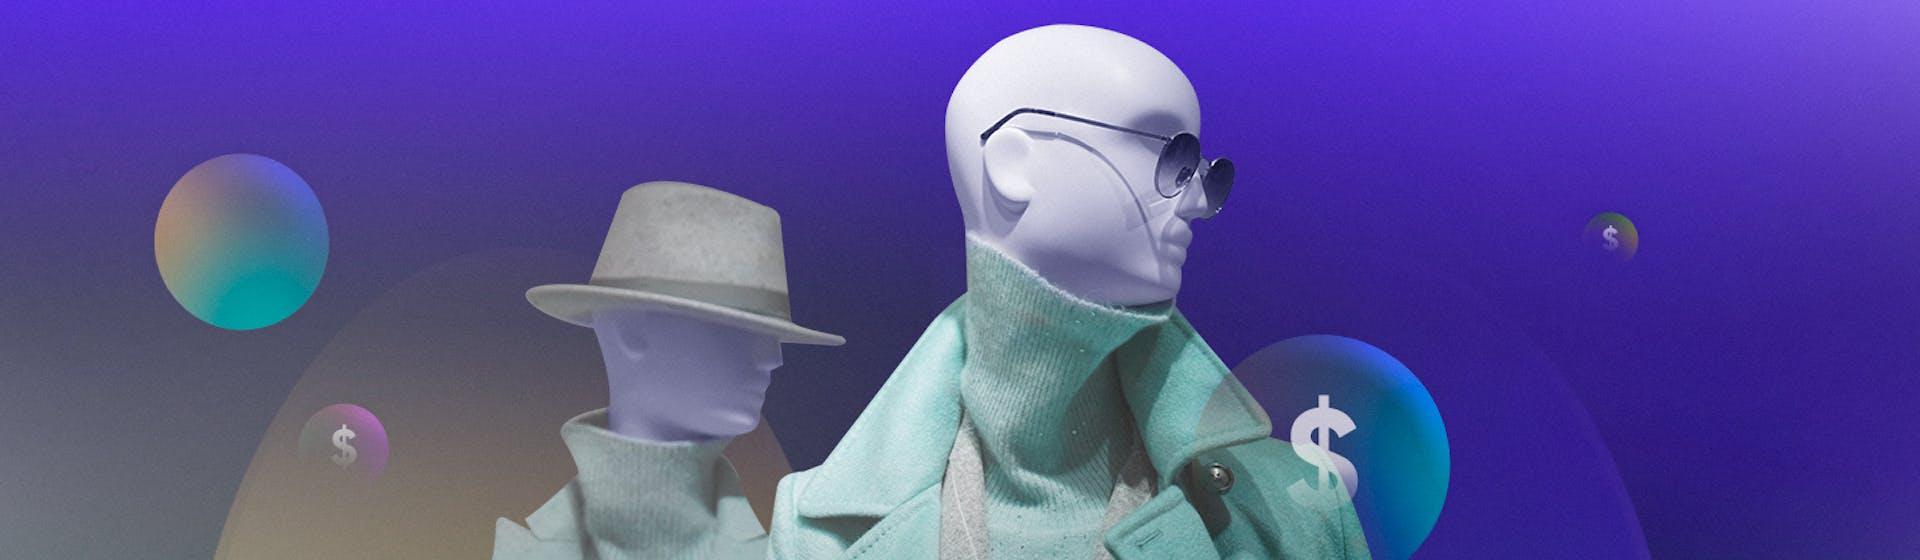 Marketing de moda: ¿cómo aplicar las estrategias más fashion a tu negocio?